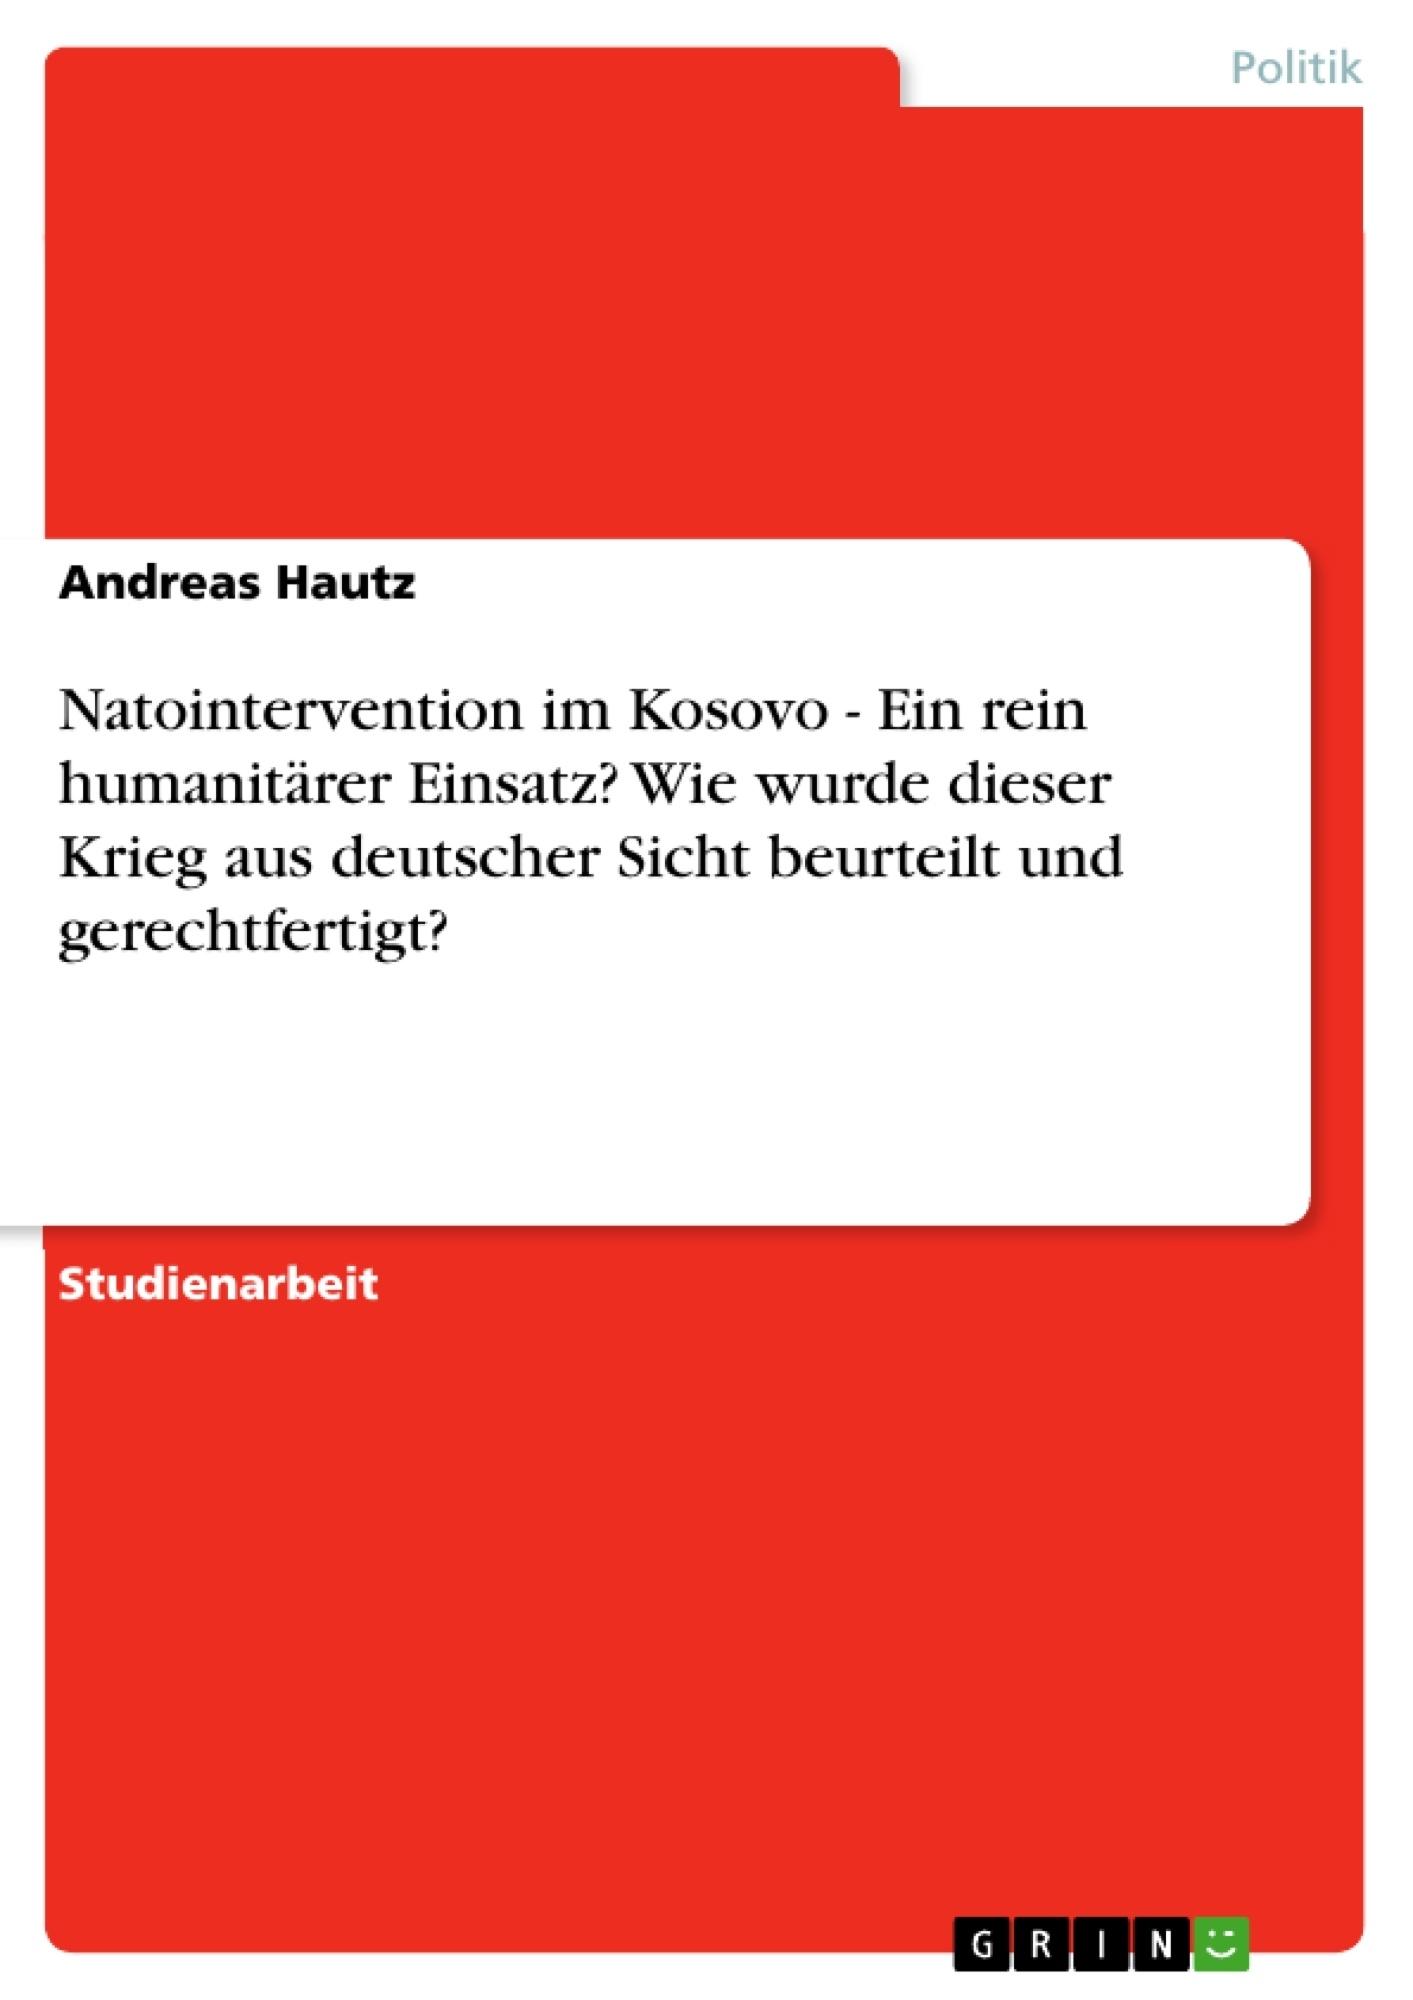 Titel: Natointervention im Kosovo - Ein rein humanitärer Einsatz? Wie wurde dieser Krieg aus deutscher Sicht beurteilt und gerechtfertigt?